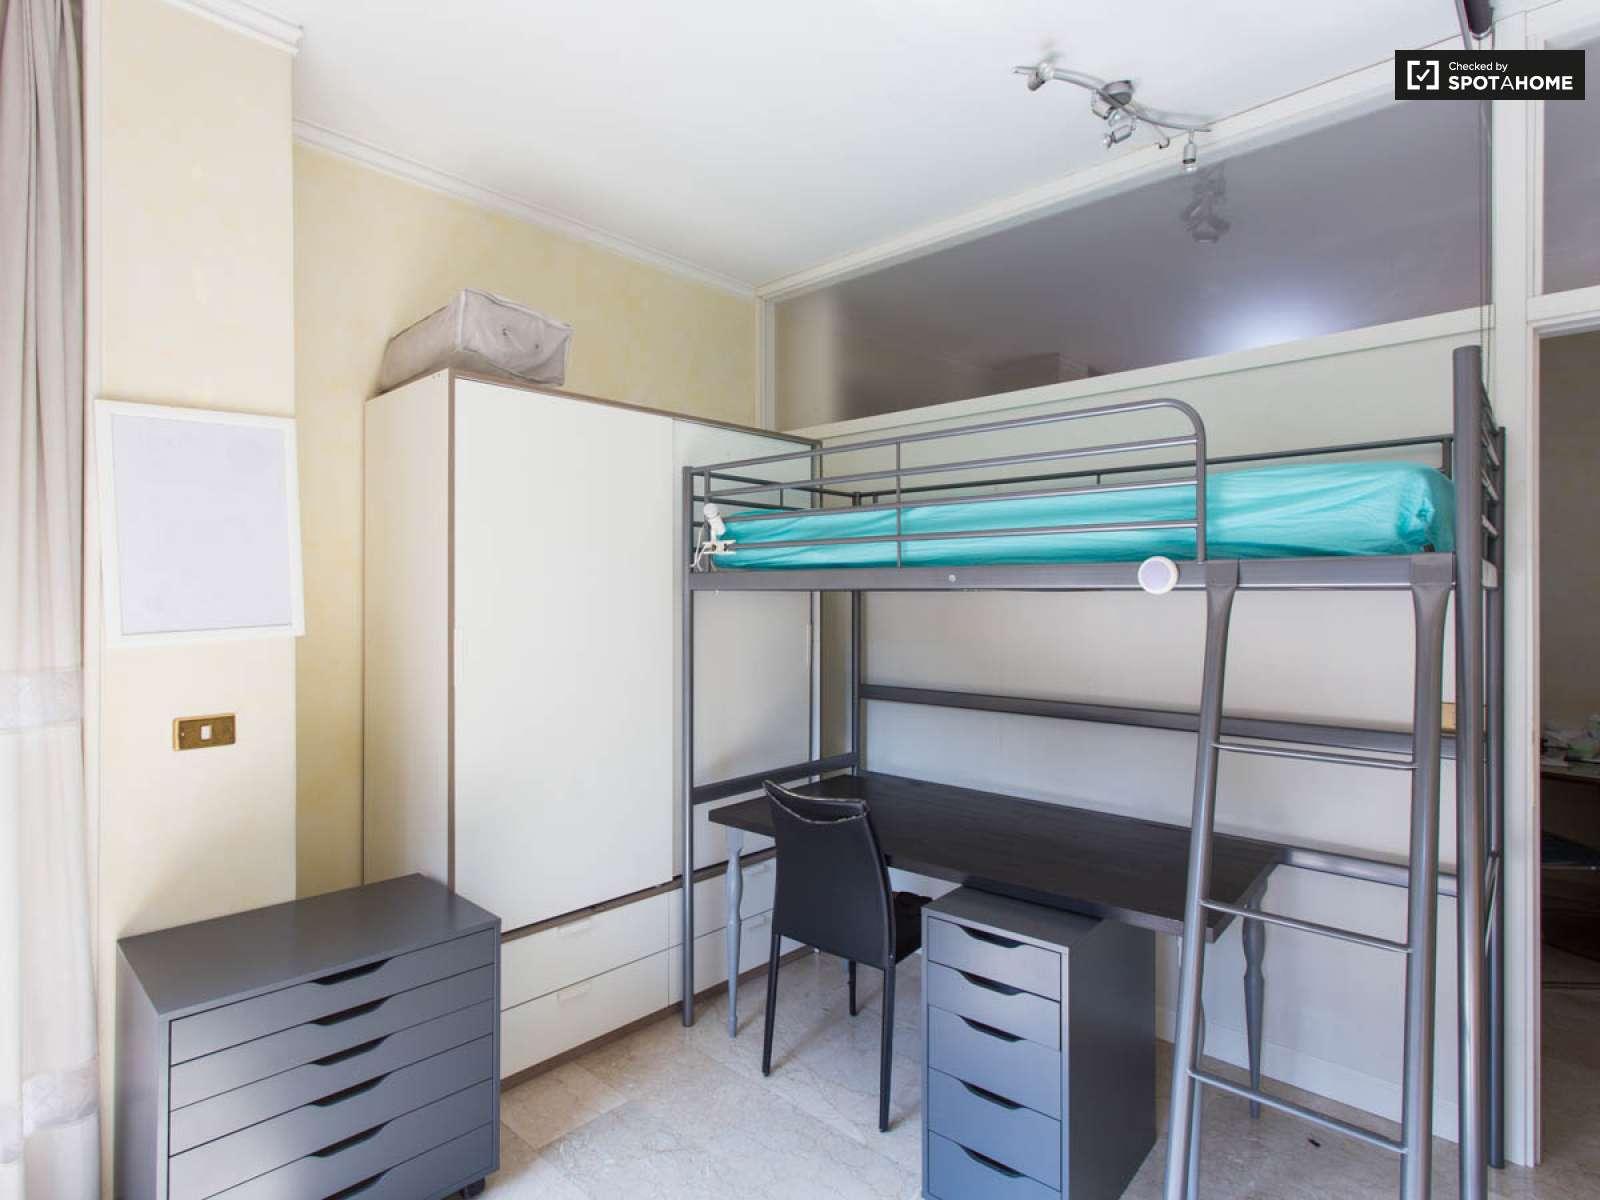 Camere Da Letto Nava.Camere In Affitto In Appartamento Con 3 Camere Da Letto In Isola